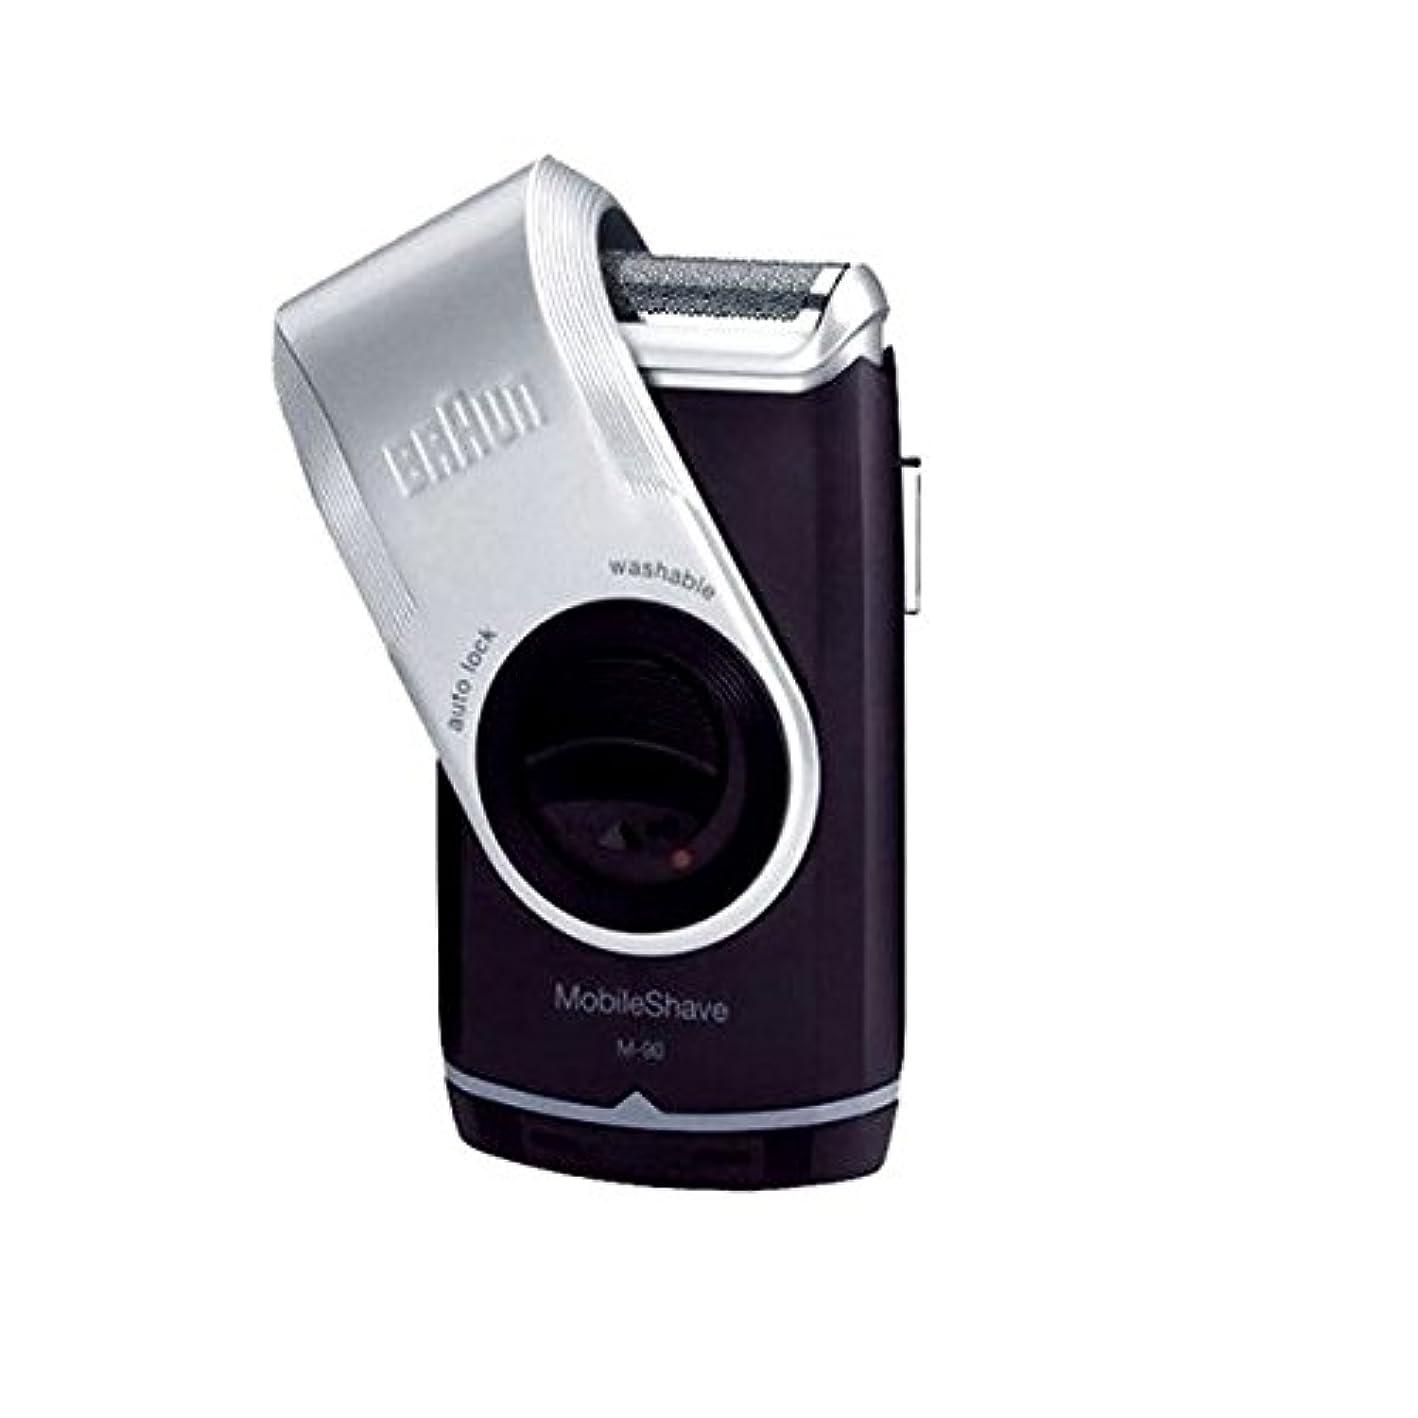 ピカリング聖職者キュービックBRAUN ブラウン 乾電池式 携帯用メンズシェーバー Mobile Shave M-90